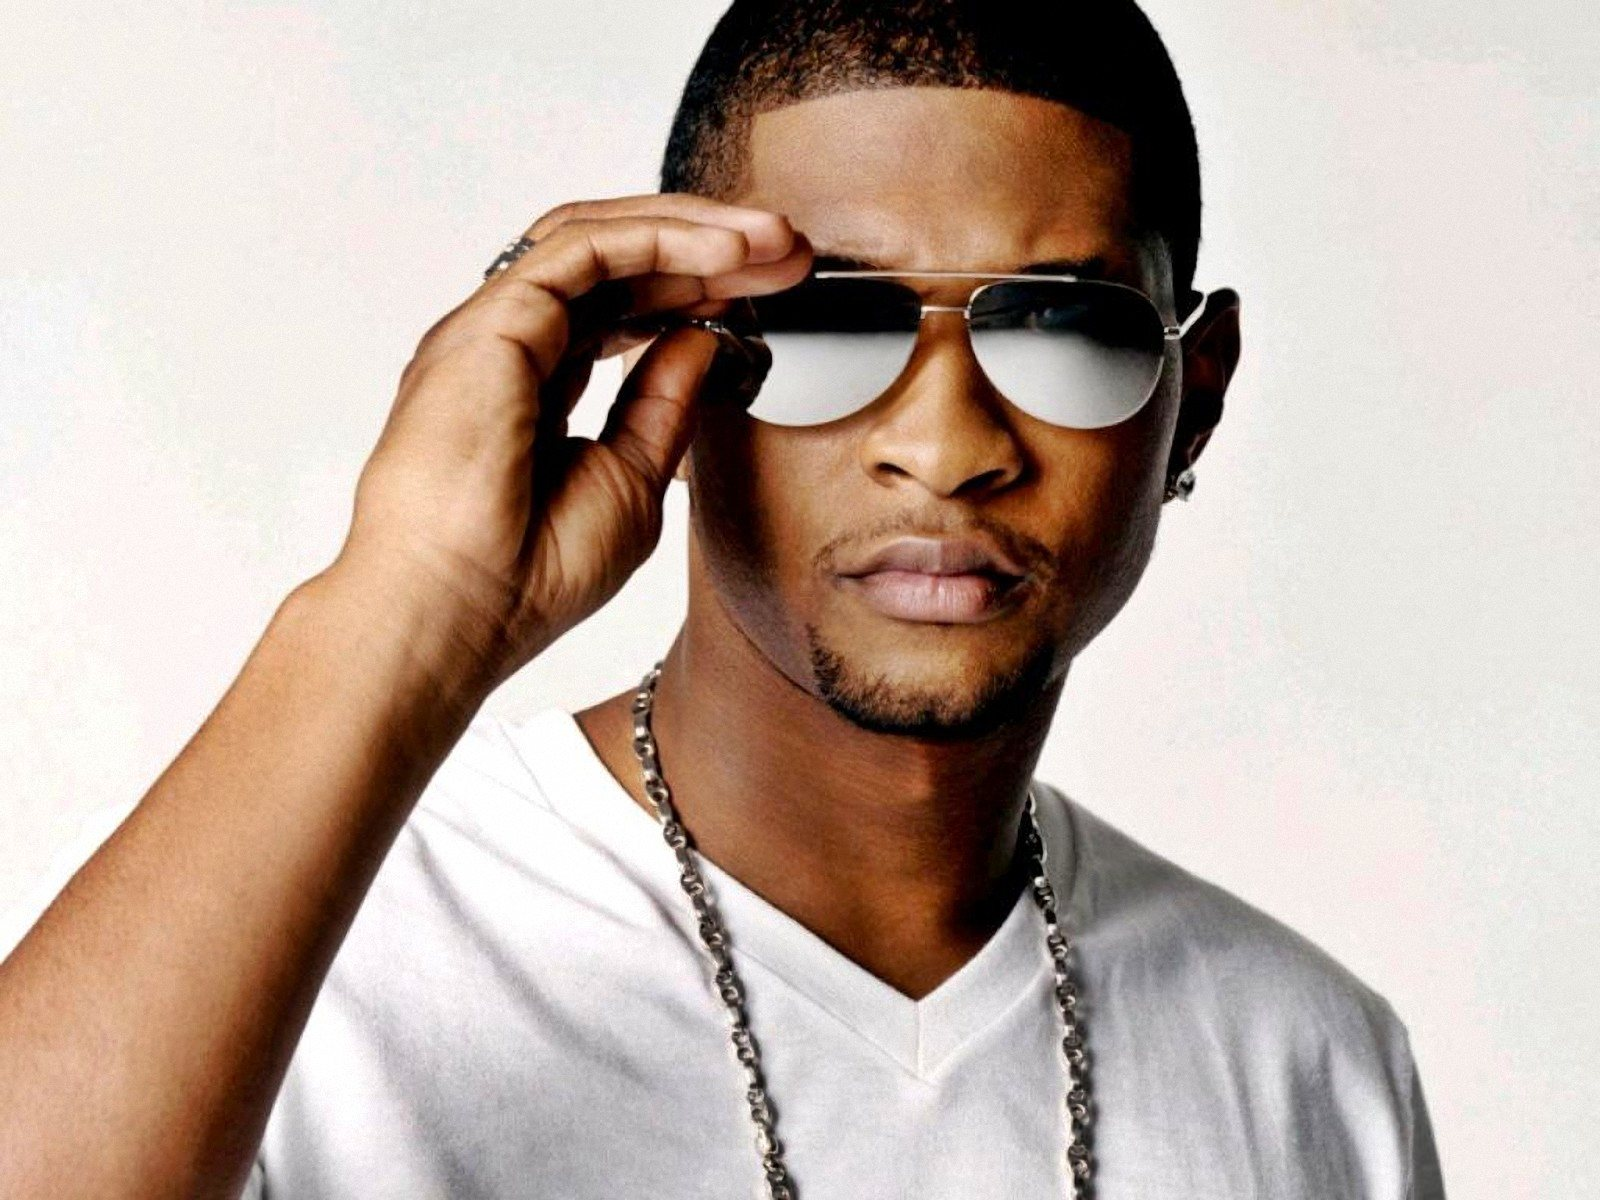 видео клипы с чернокожими певицами - 10